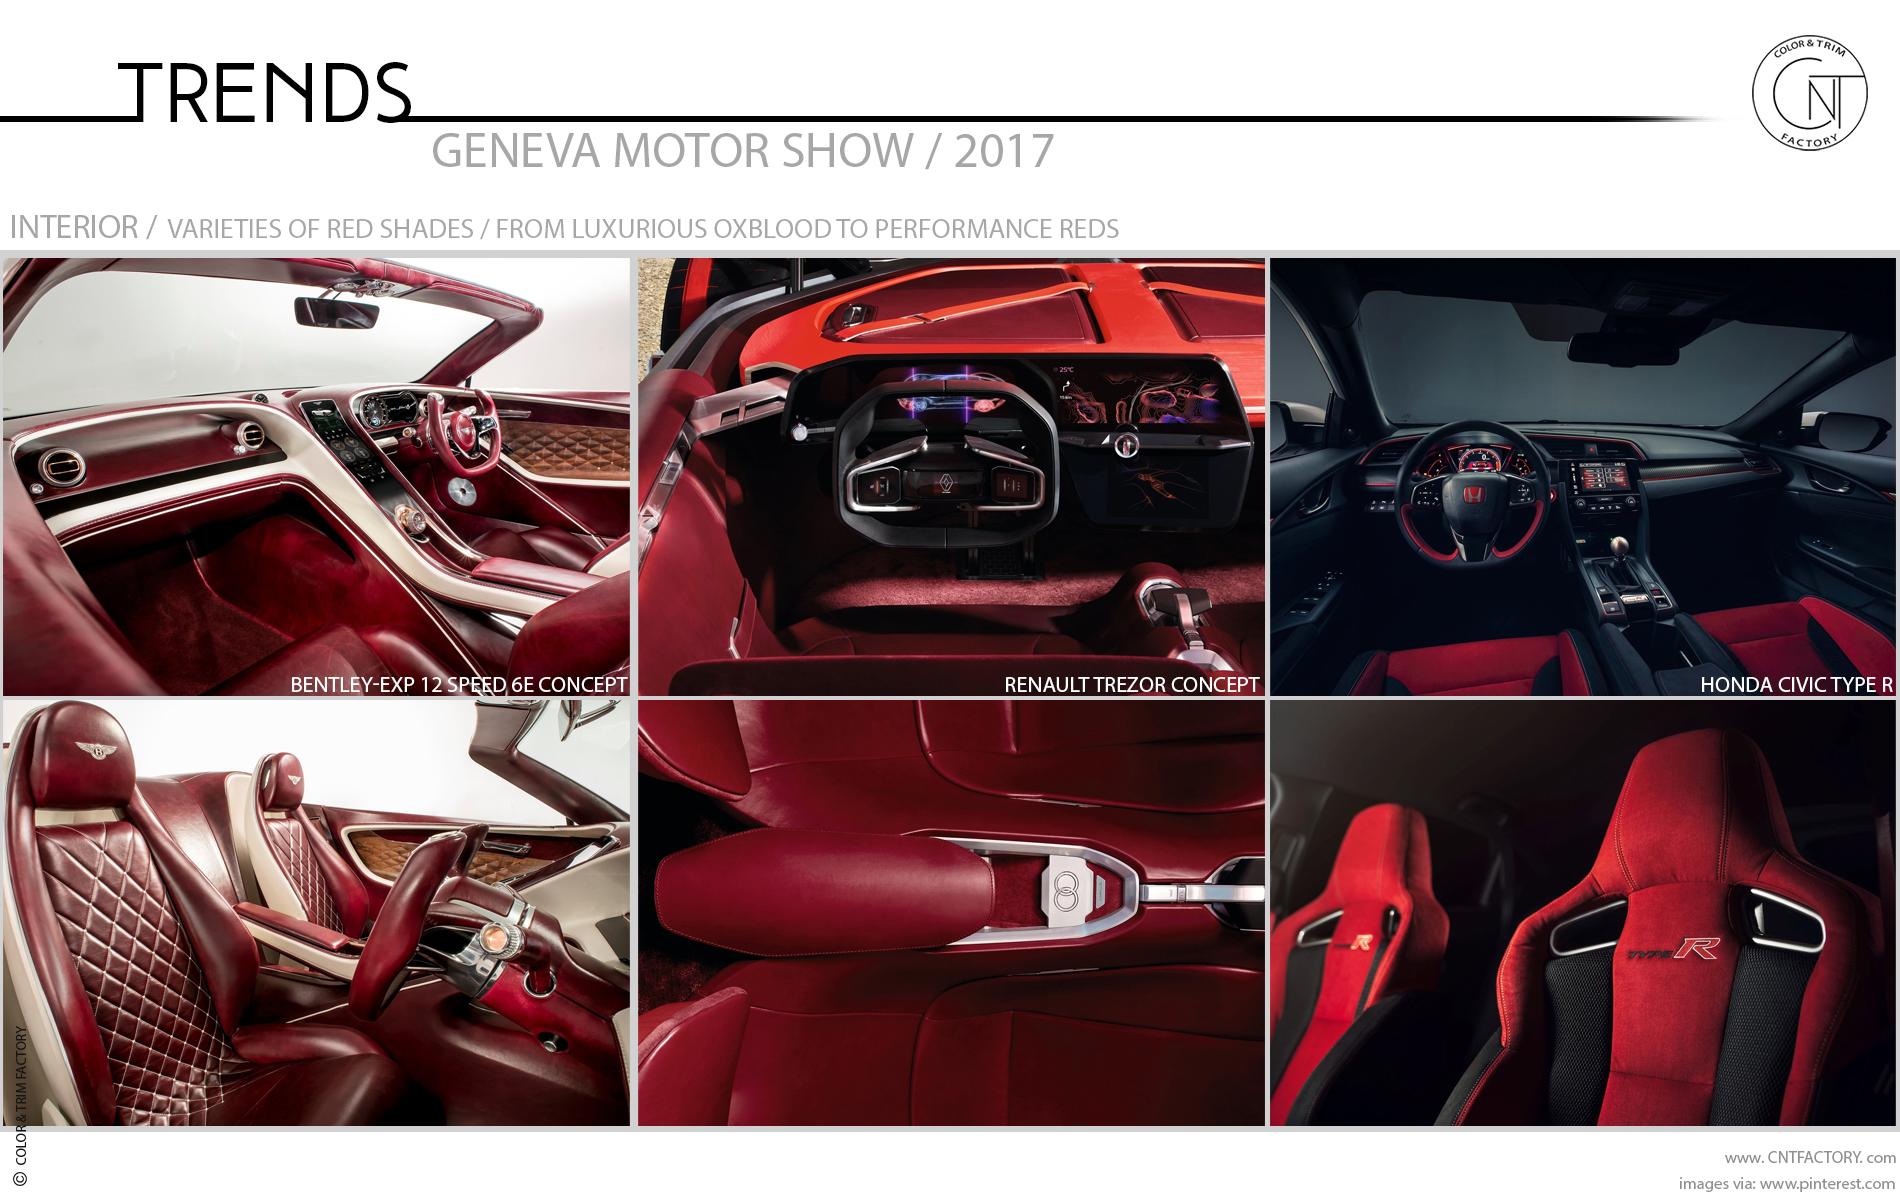 2017 geneva motor show color trim trends